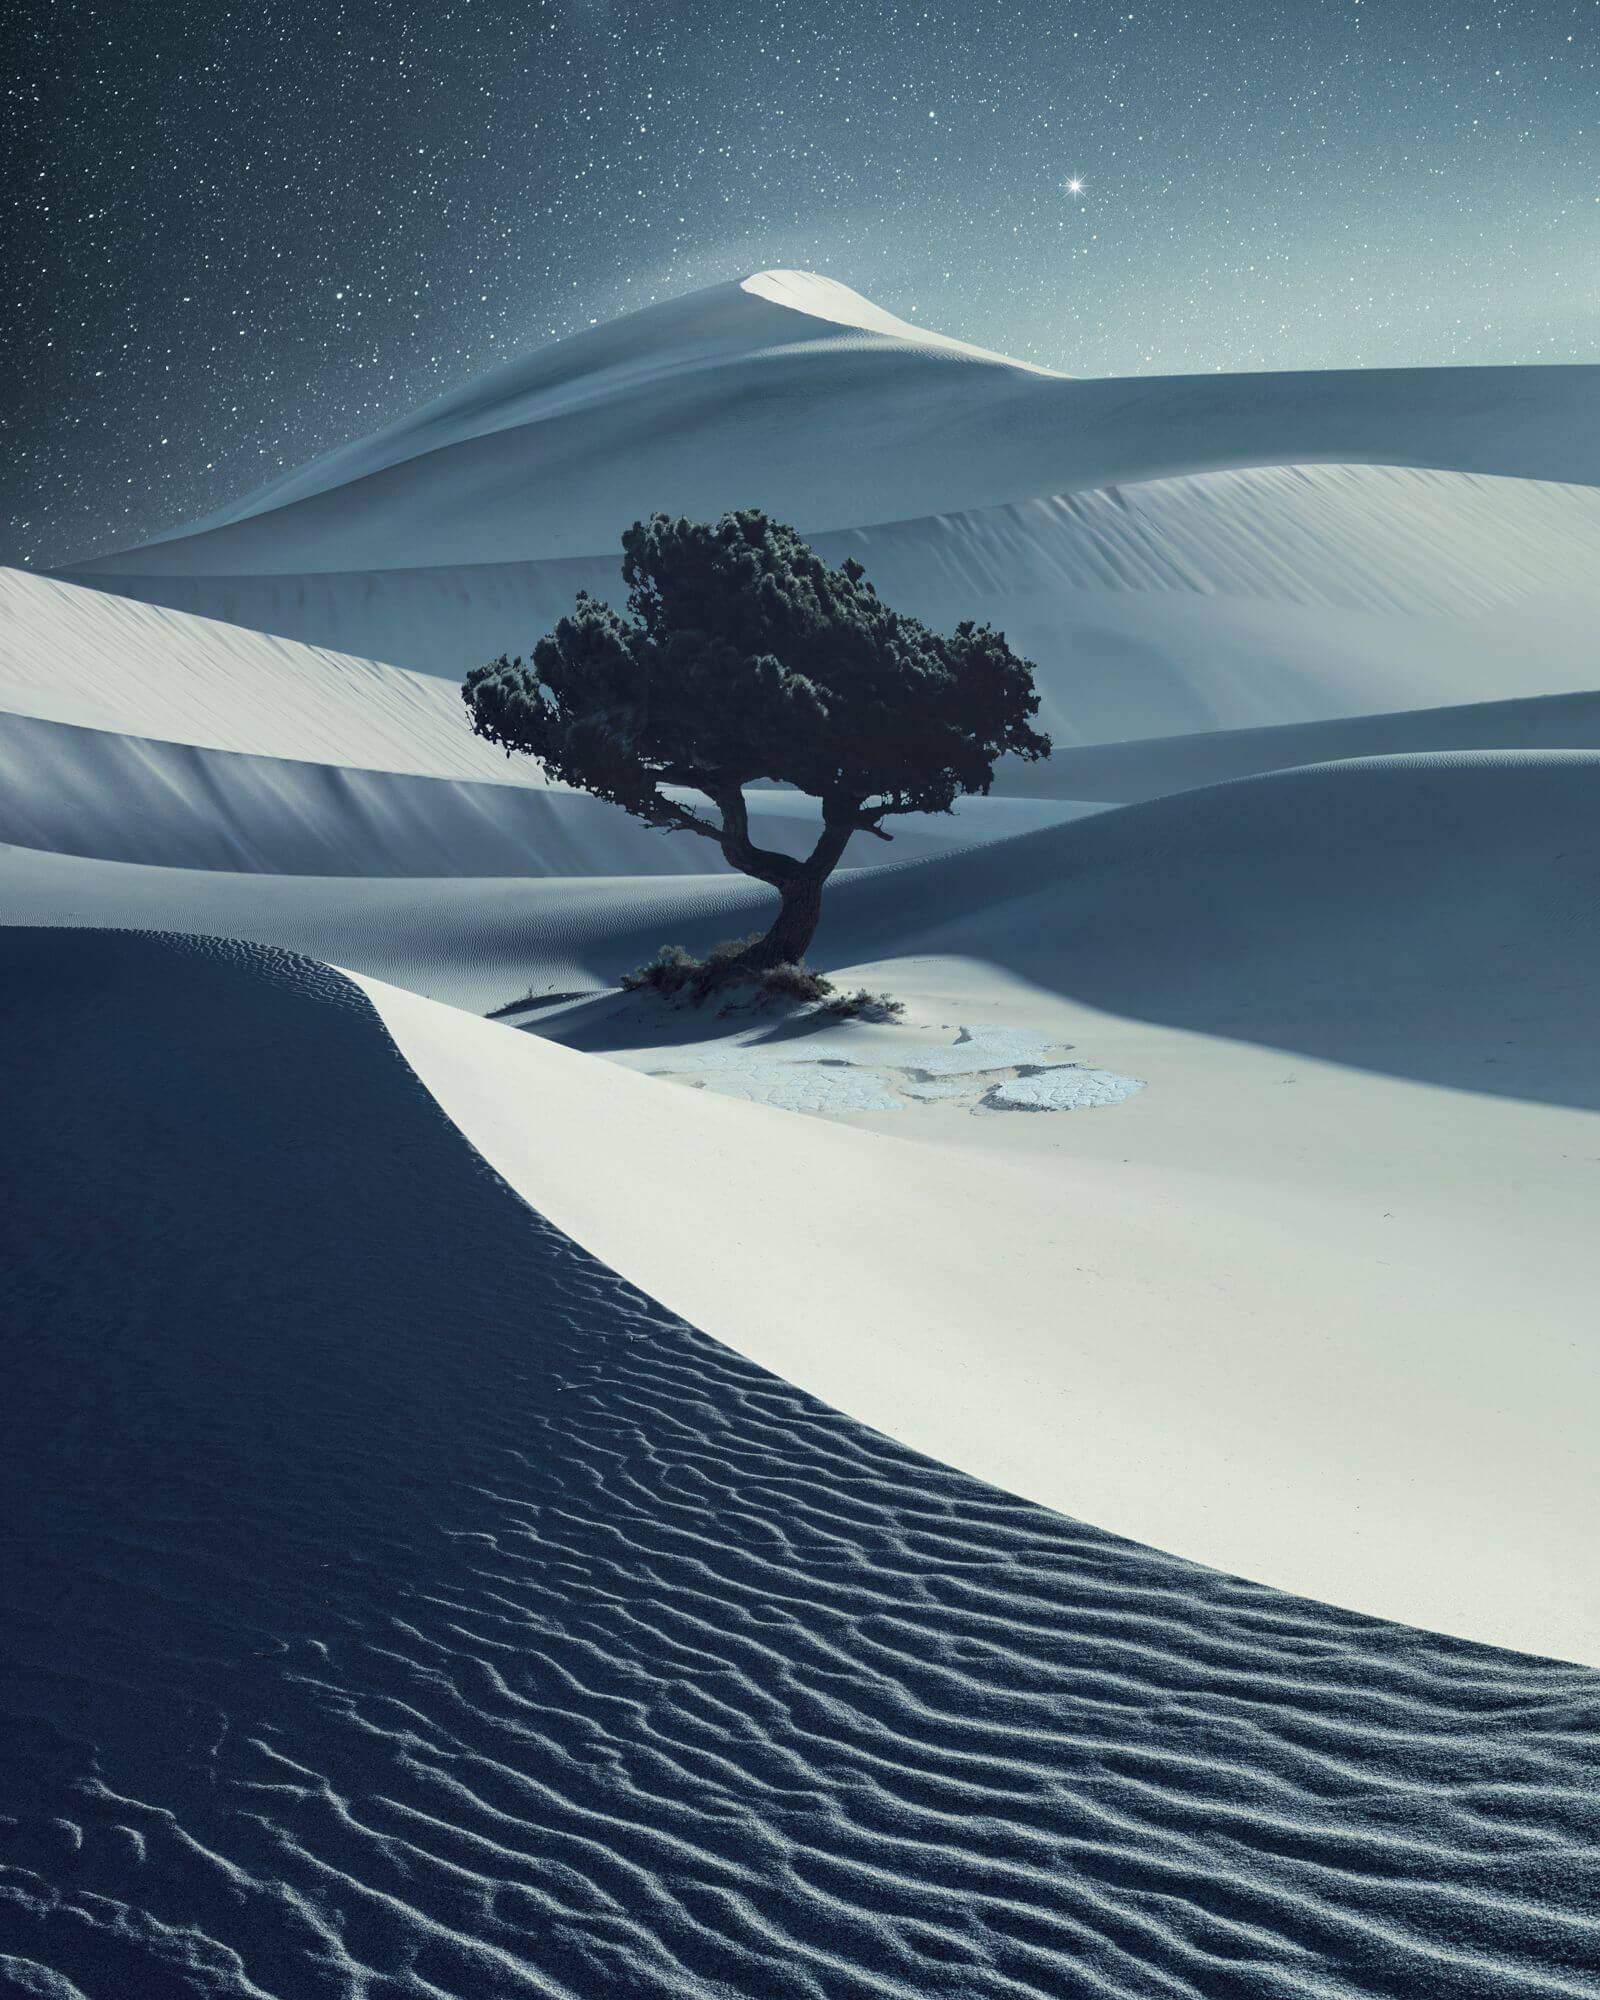 Бенджамин Эверетт, США / Benjamin Everett, USA, Победитель категории «Пейзаж», Фотоконкурс Hasselblad Masters